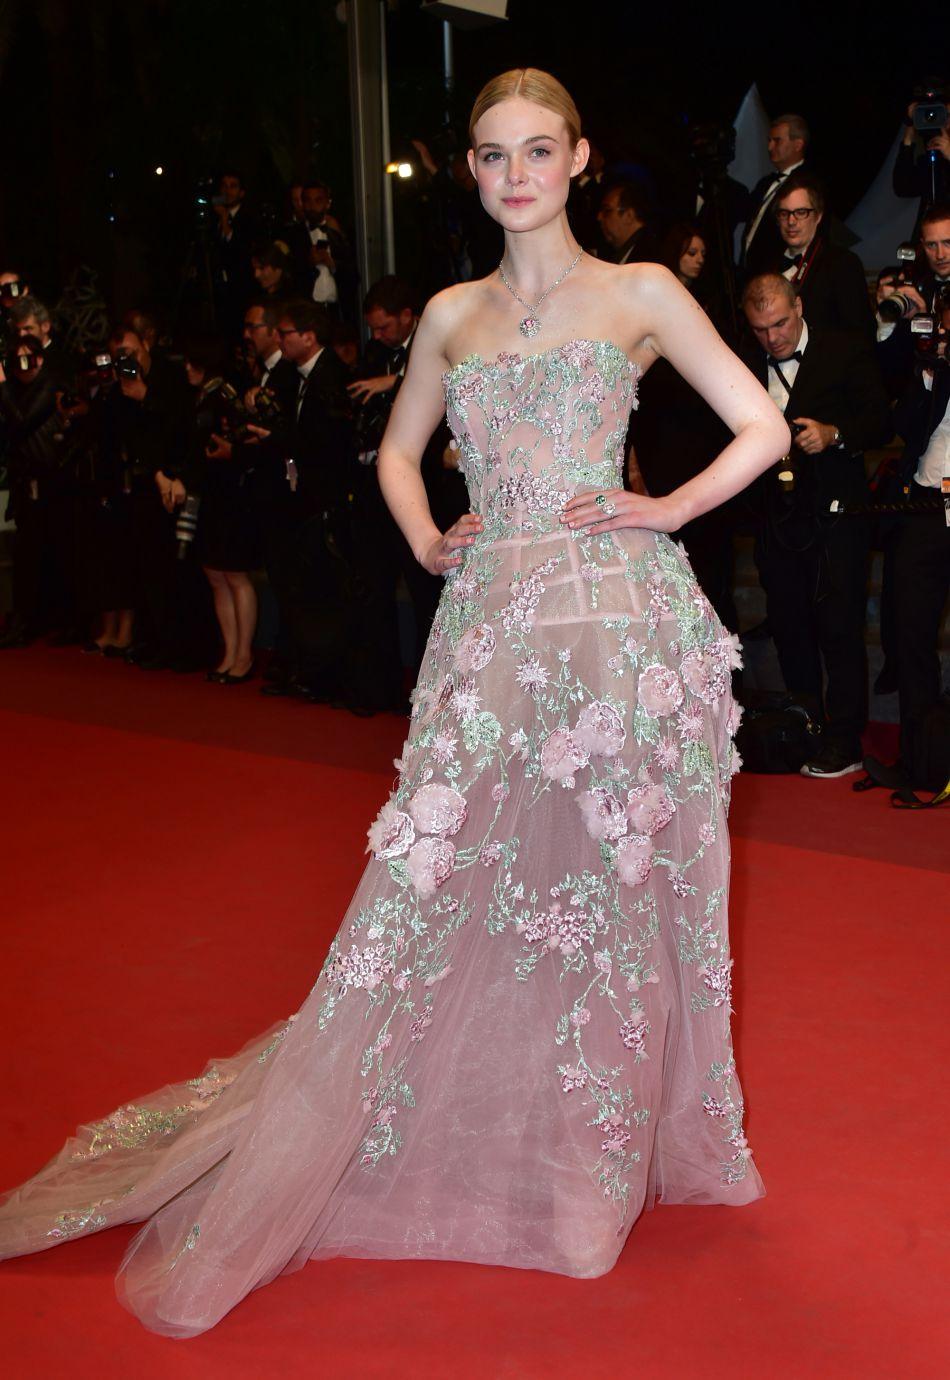 Elle Fanning habillée d'une robe bustiée rose ornée de fleurs et paillettes.